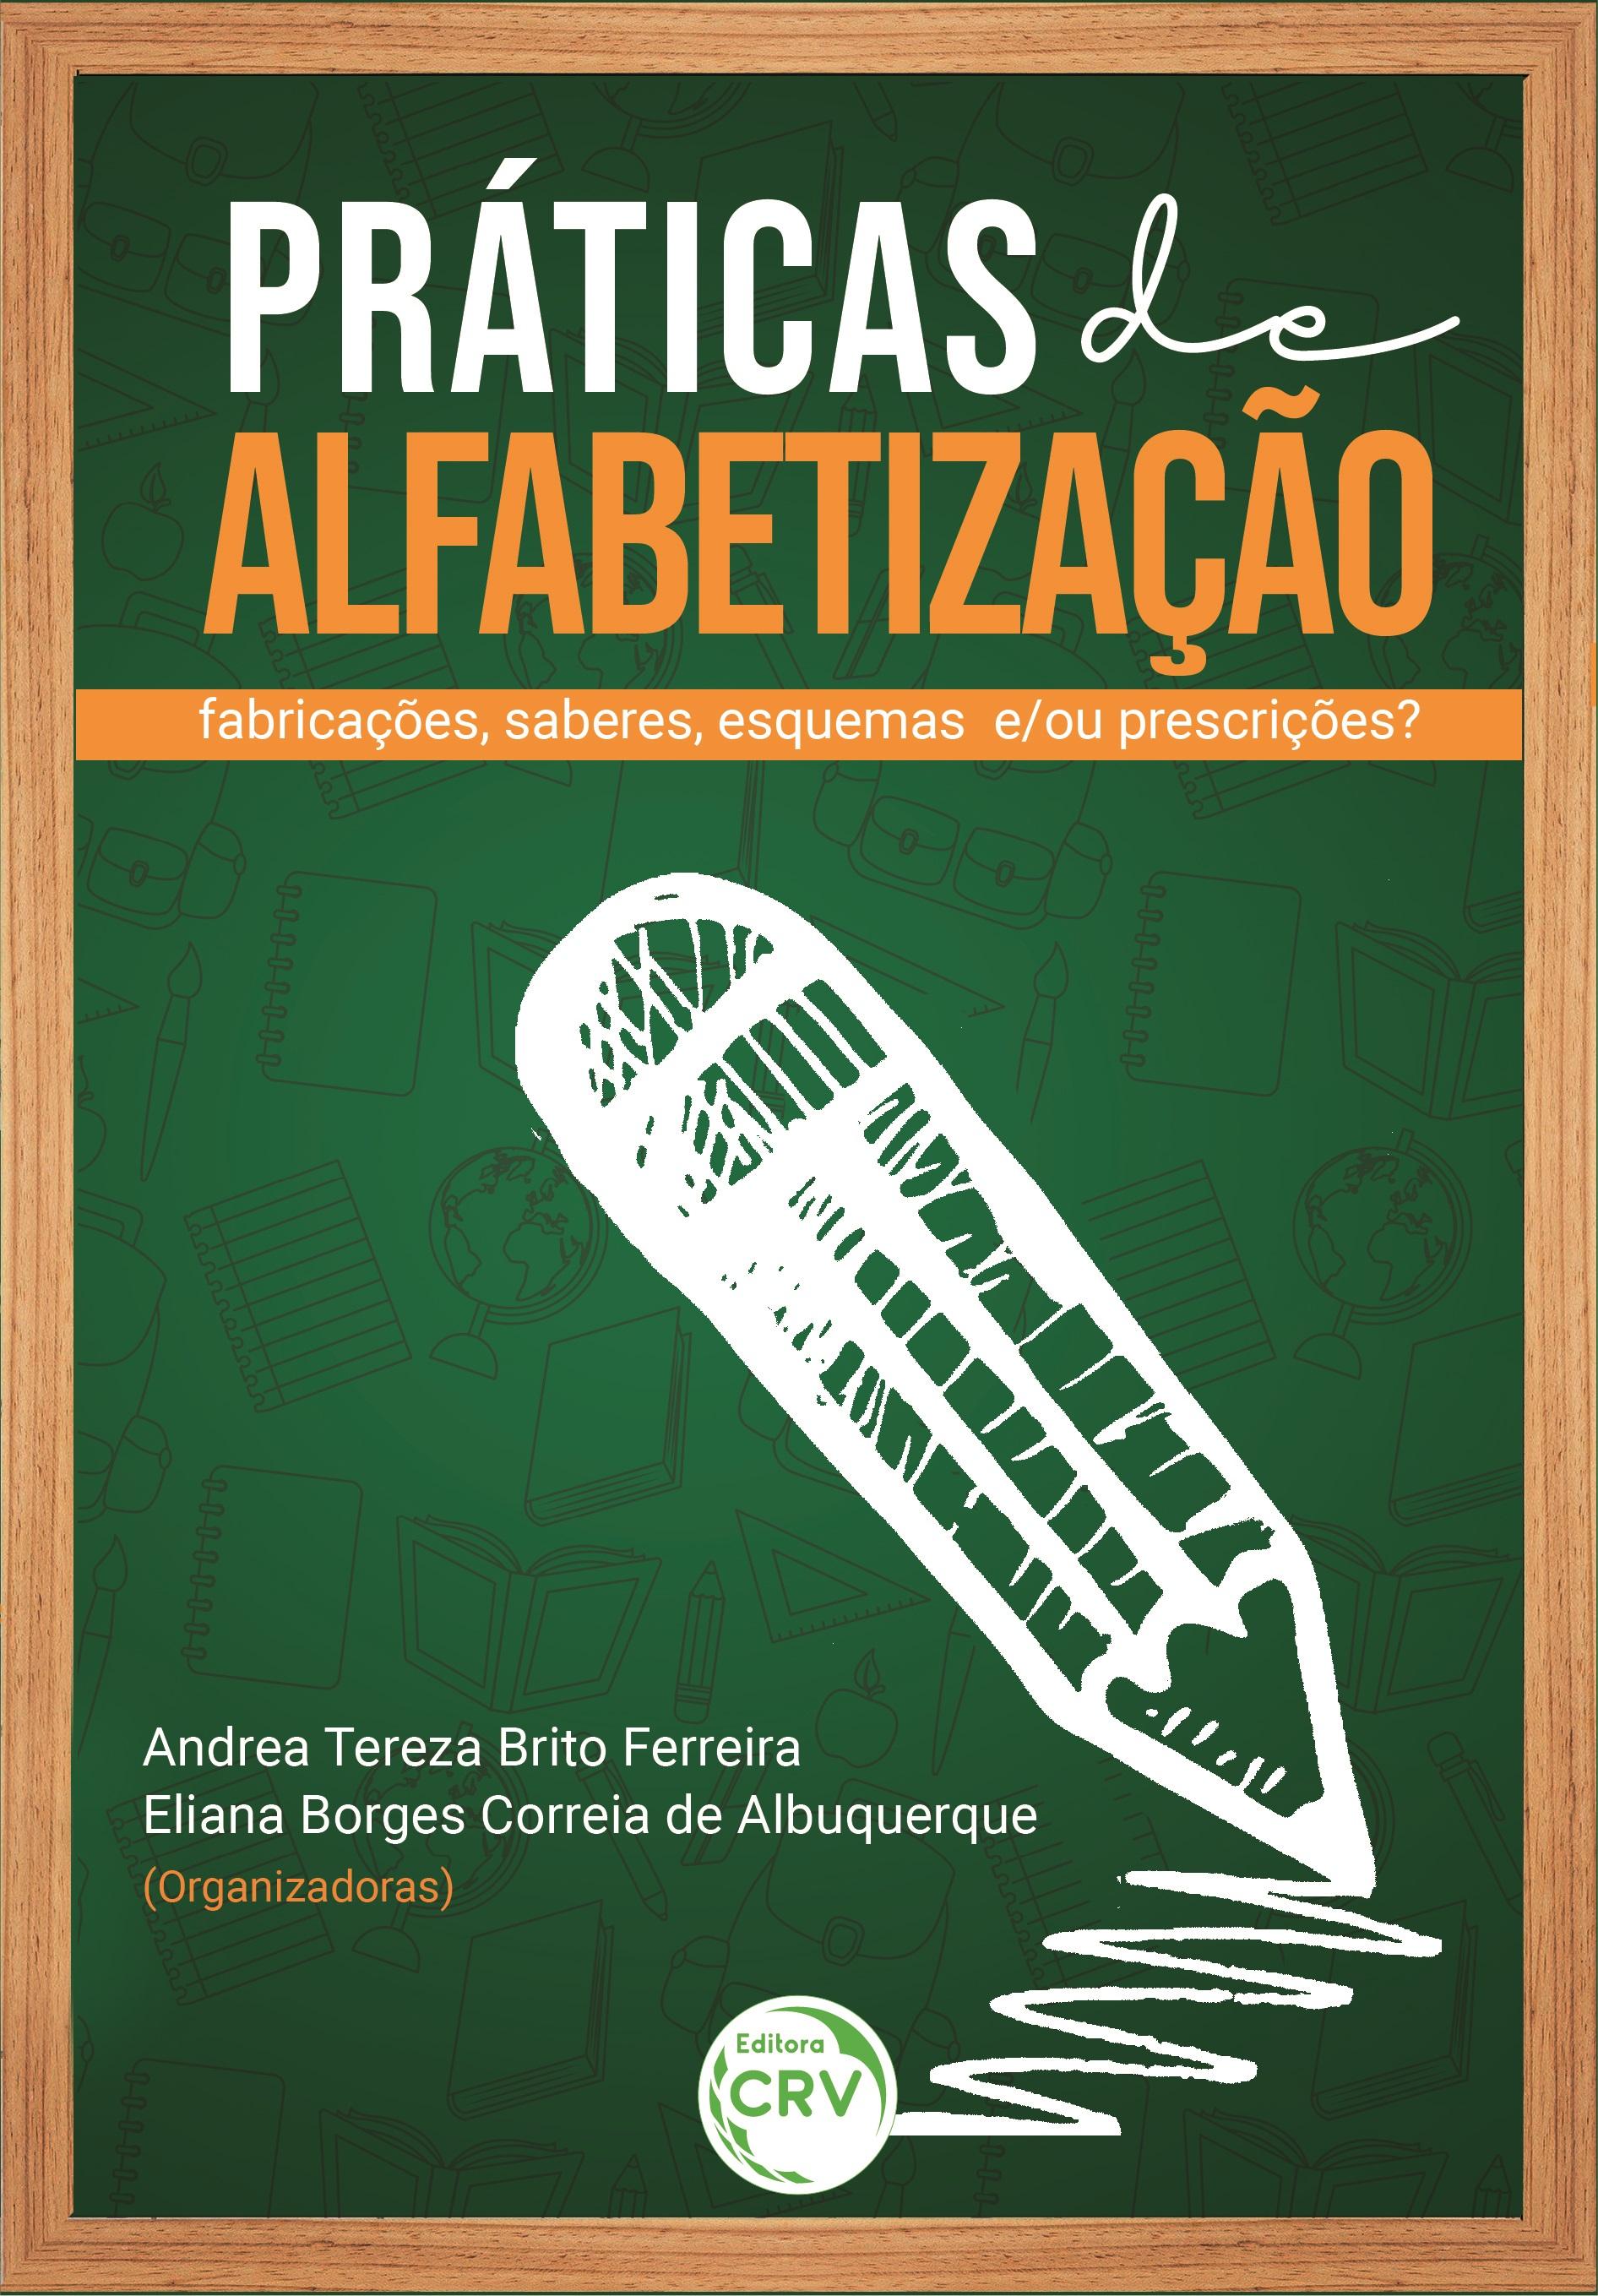 Capa do livro: PRÁTICAS DE ALFABETIZAÇÃO:<br> fabricações, saberes, esquemas e/ou prescrições?